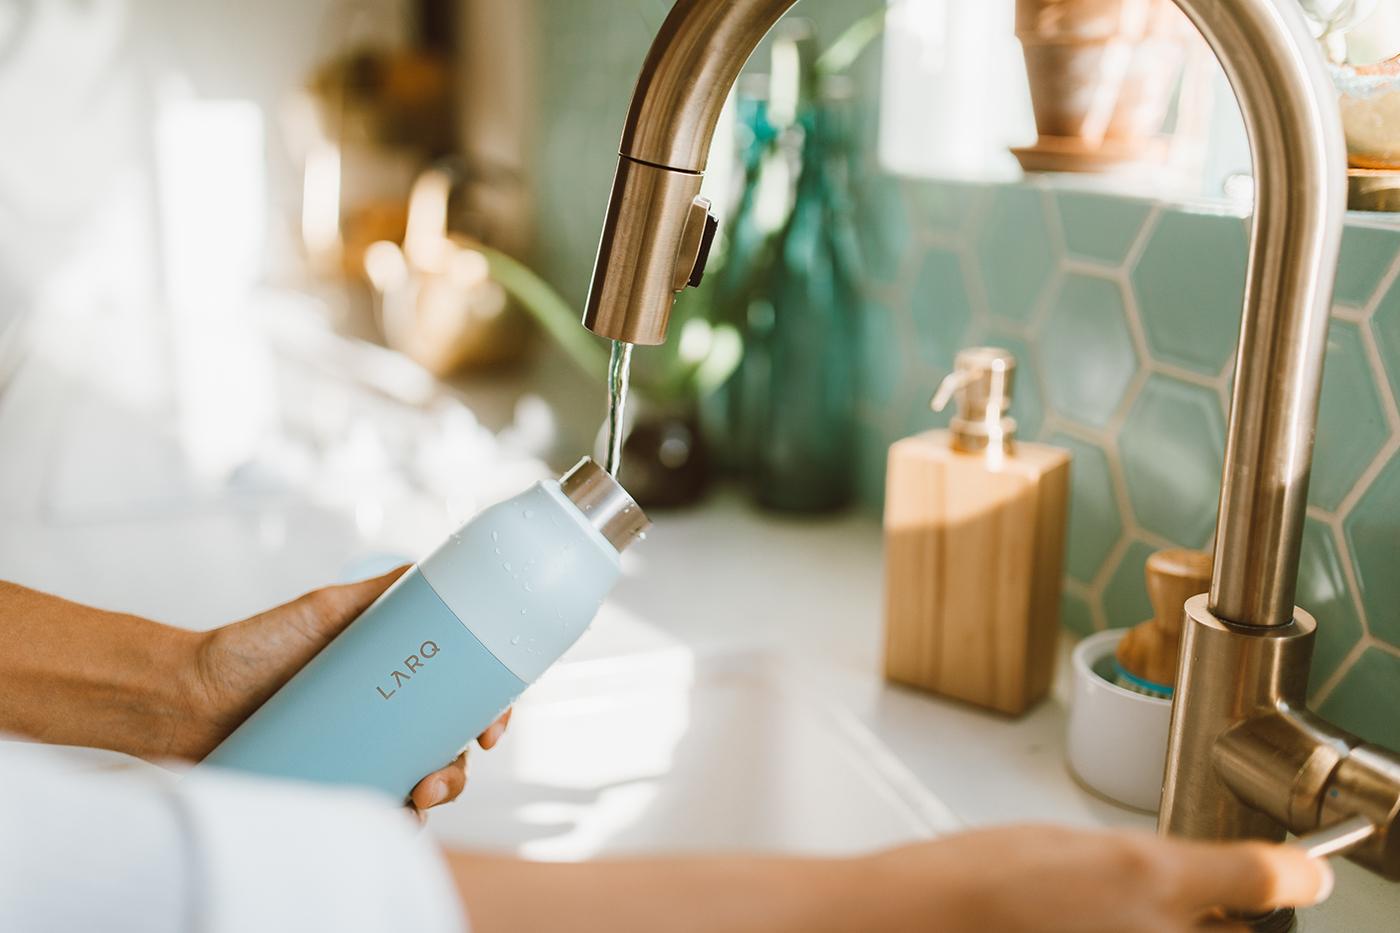 woman filling up LARQ Bottle in kitchen sink